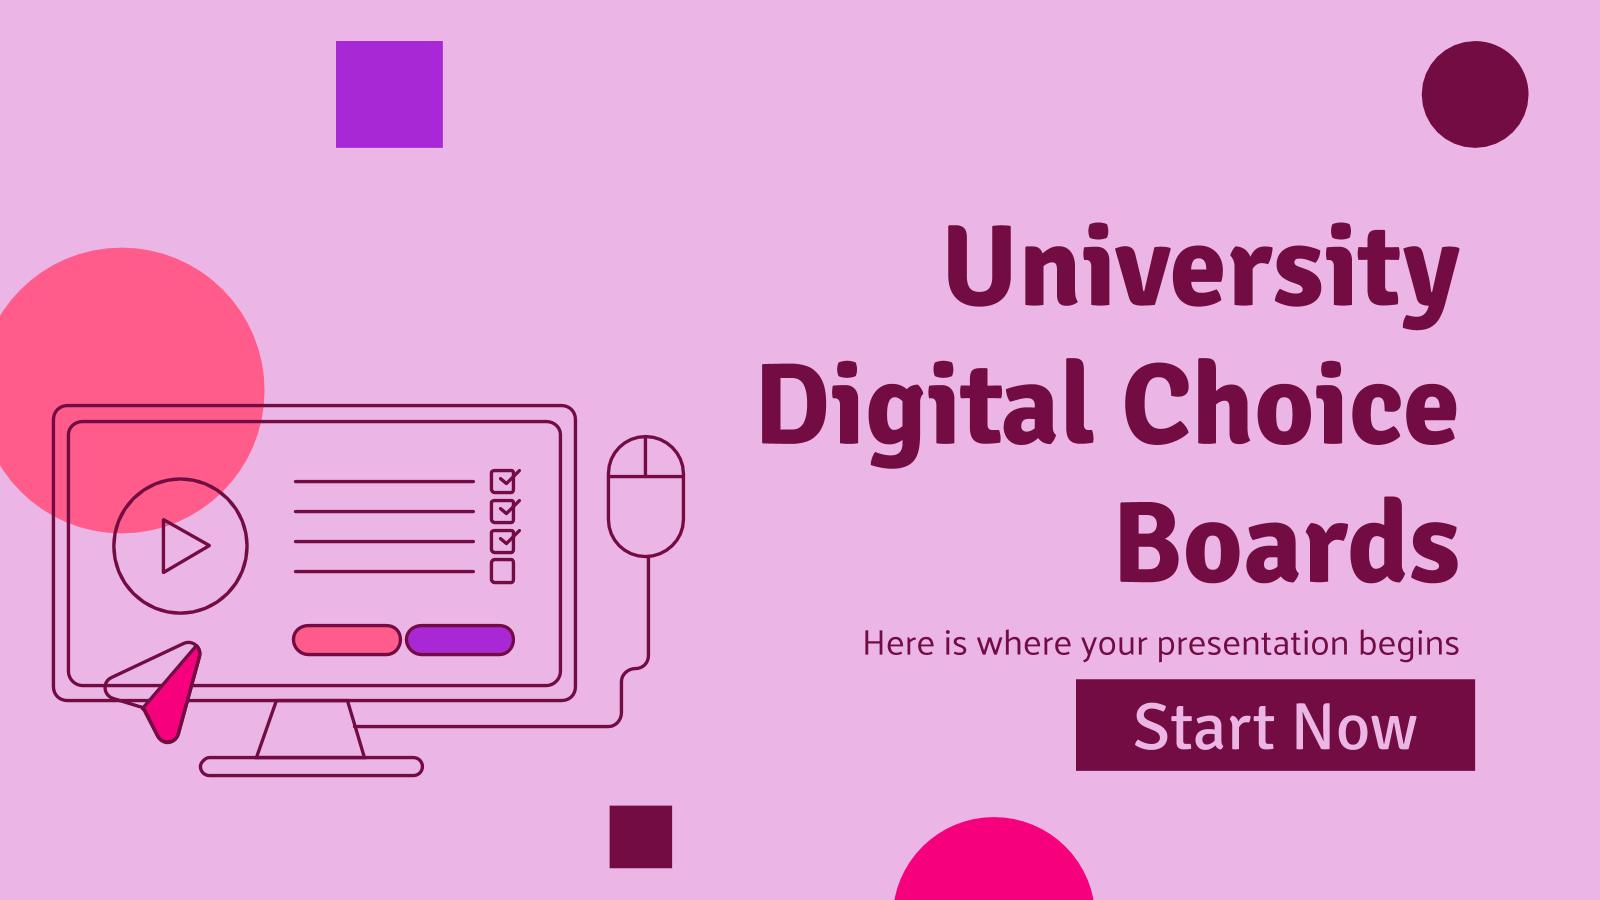 Modelo de apresentação Placar de opções para universidade